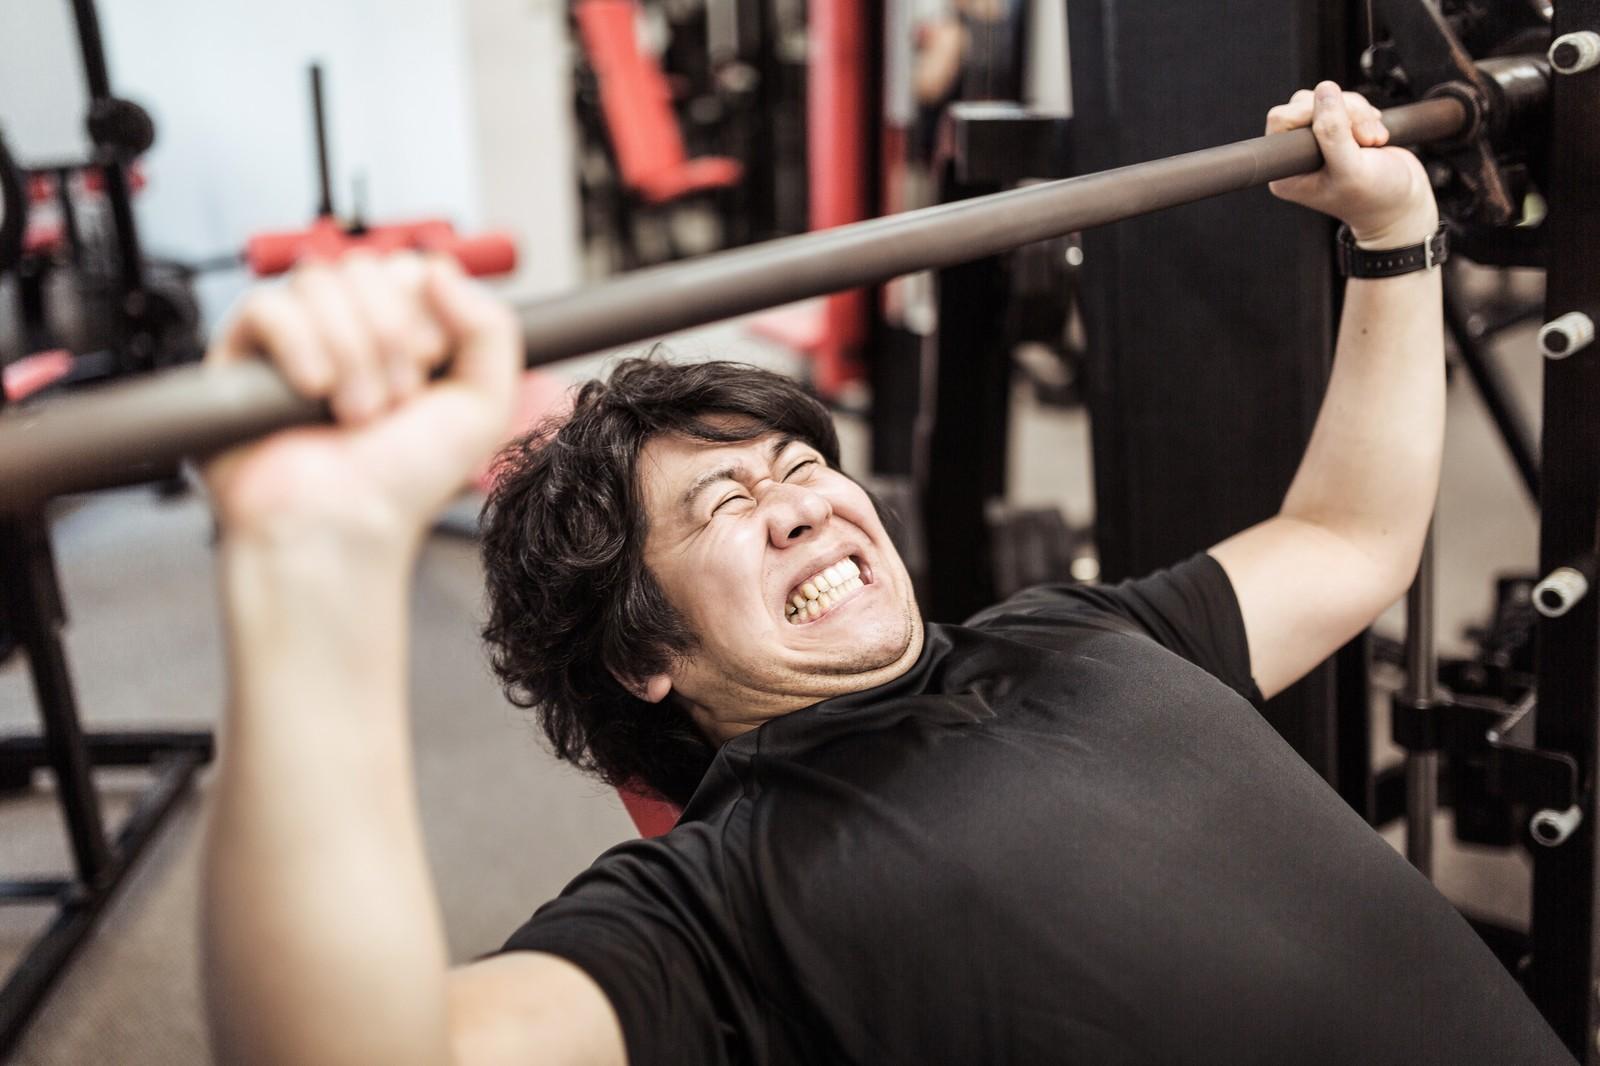 筋トレJ民、本当はベンチプレス60kgで潰れる貧弱ばかりだった